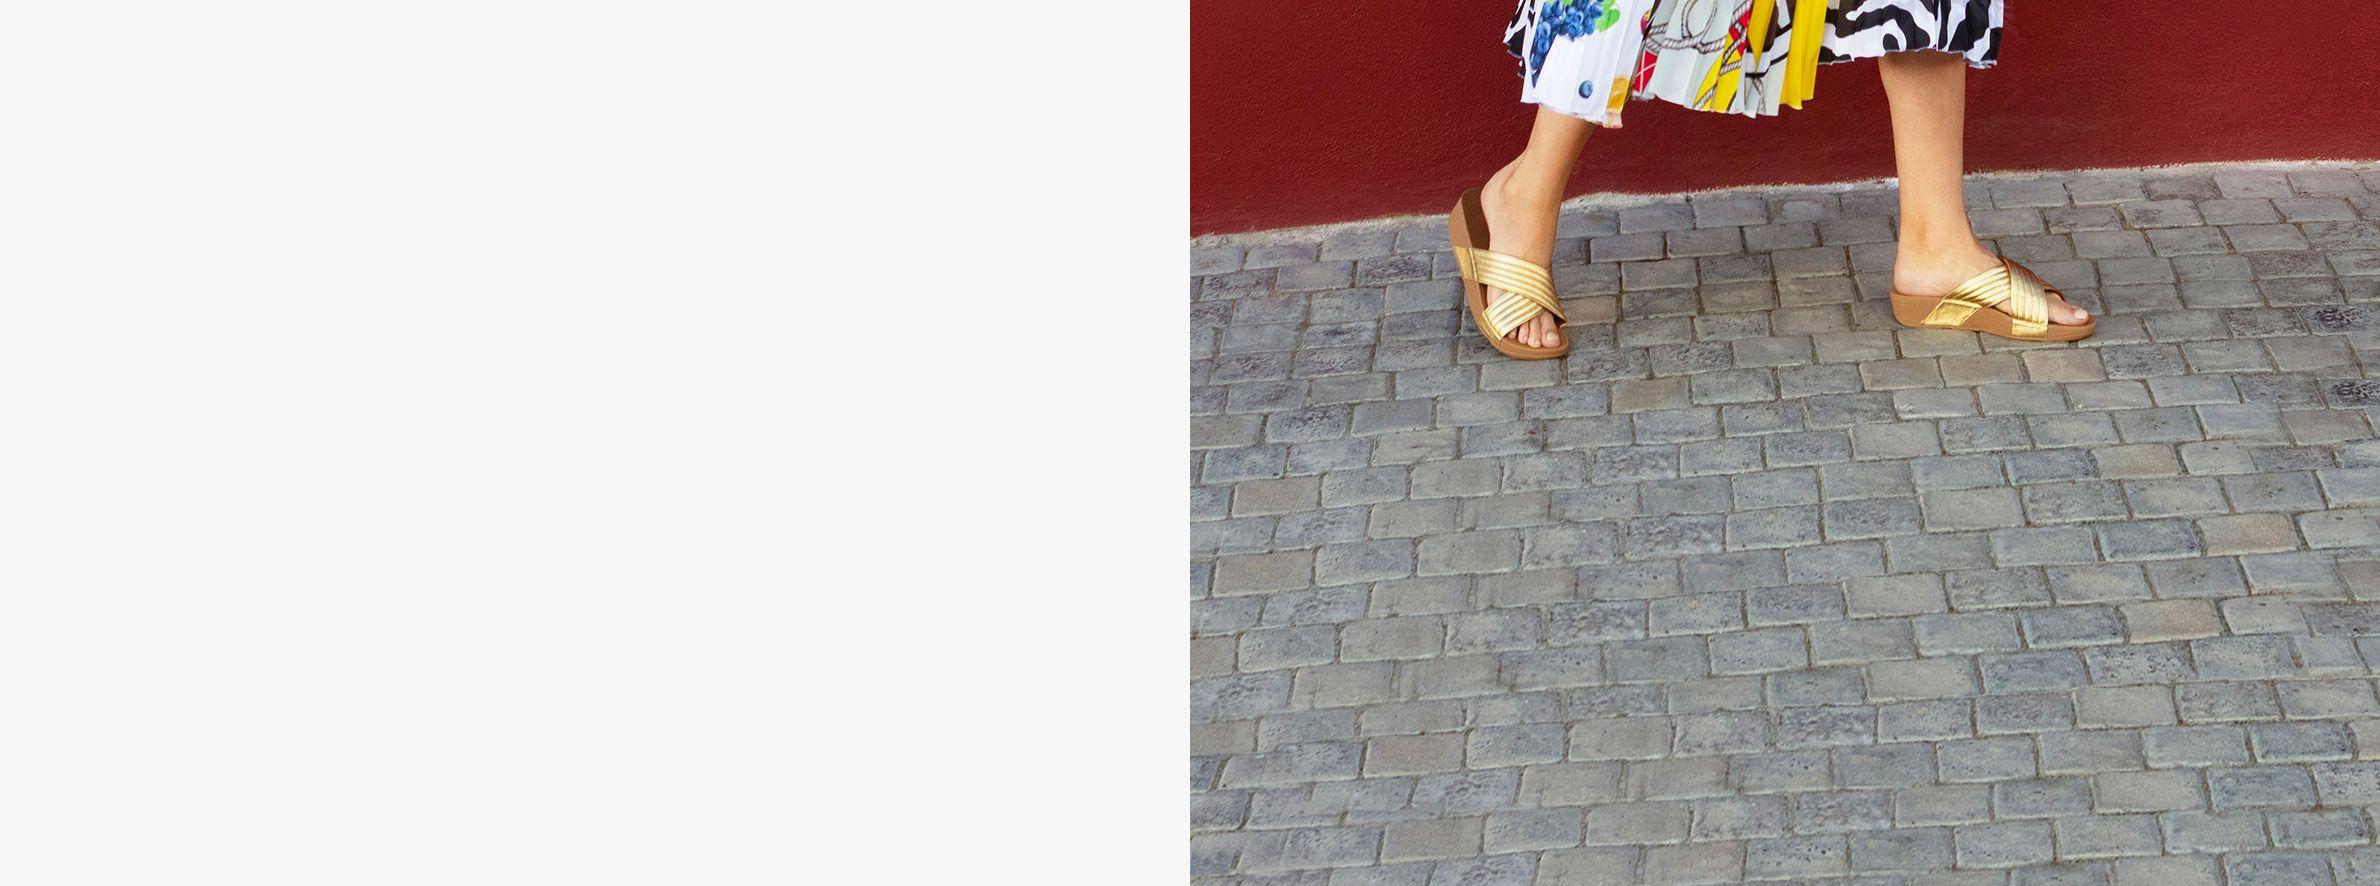 505d98253fb Women's Sandals | Shoes & Boots | John Lewis & Partners